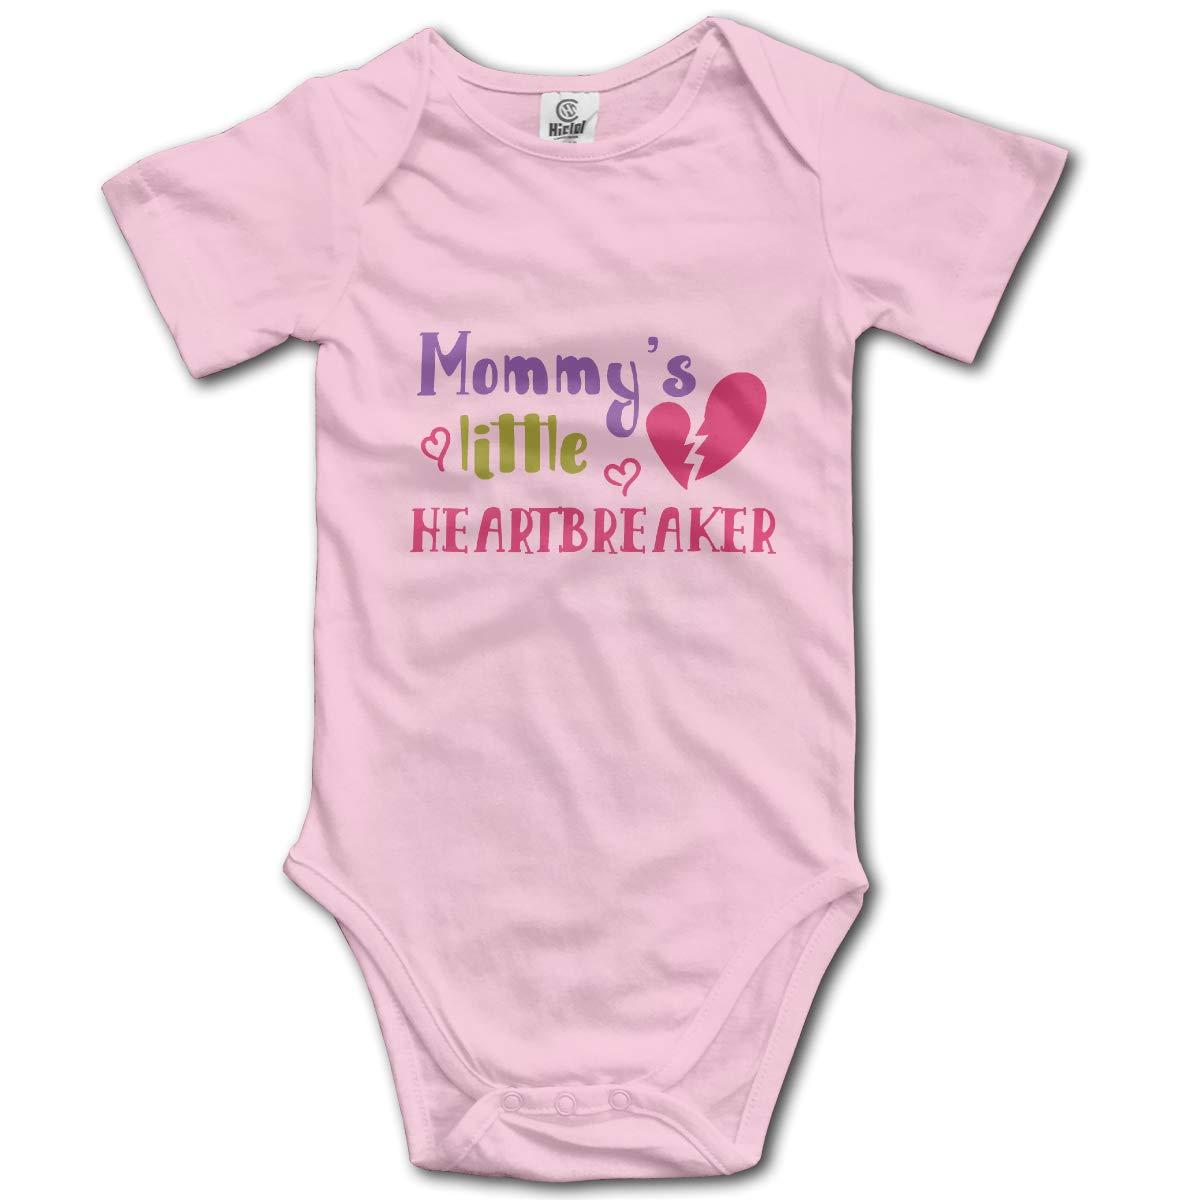 Mommys Little Heartbreaker Newbaby Baby Romper Summer Short Sleeve Jumpsuit Novelty Funny Gift